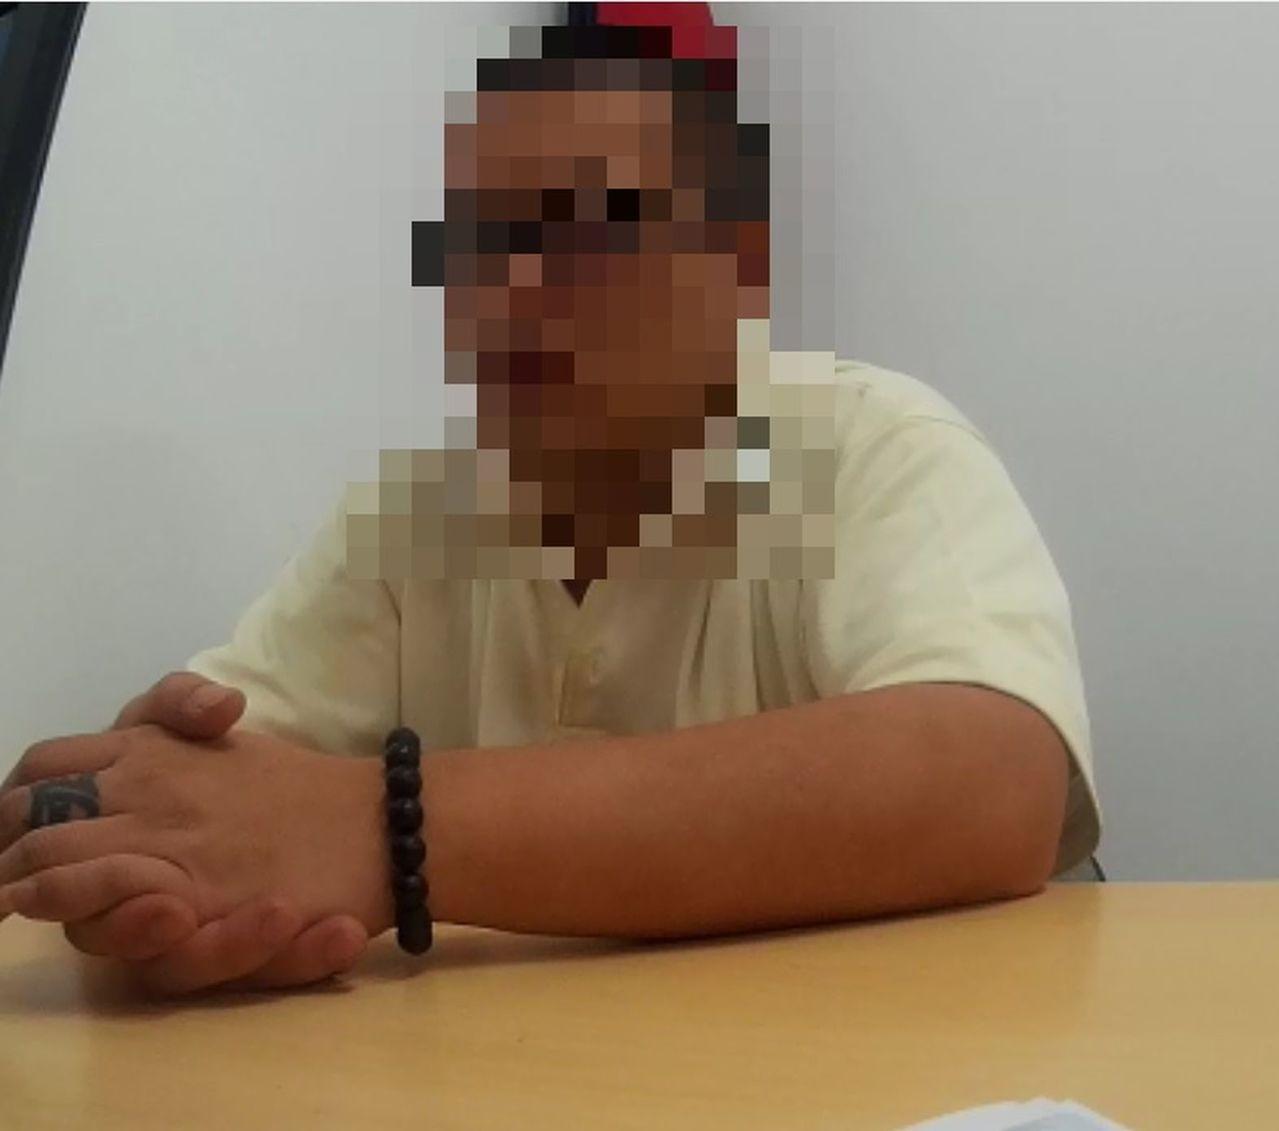 台中警方到看守所借提人犯偵辦詐欺案,意外查出被押的另一名藍姓嫌犯涉及詐欺案,再破...